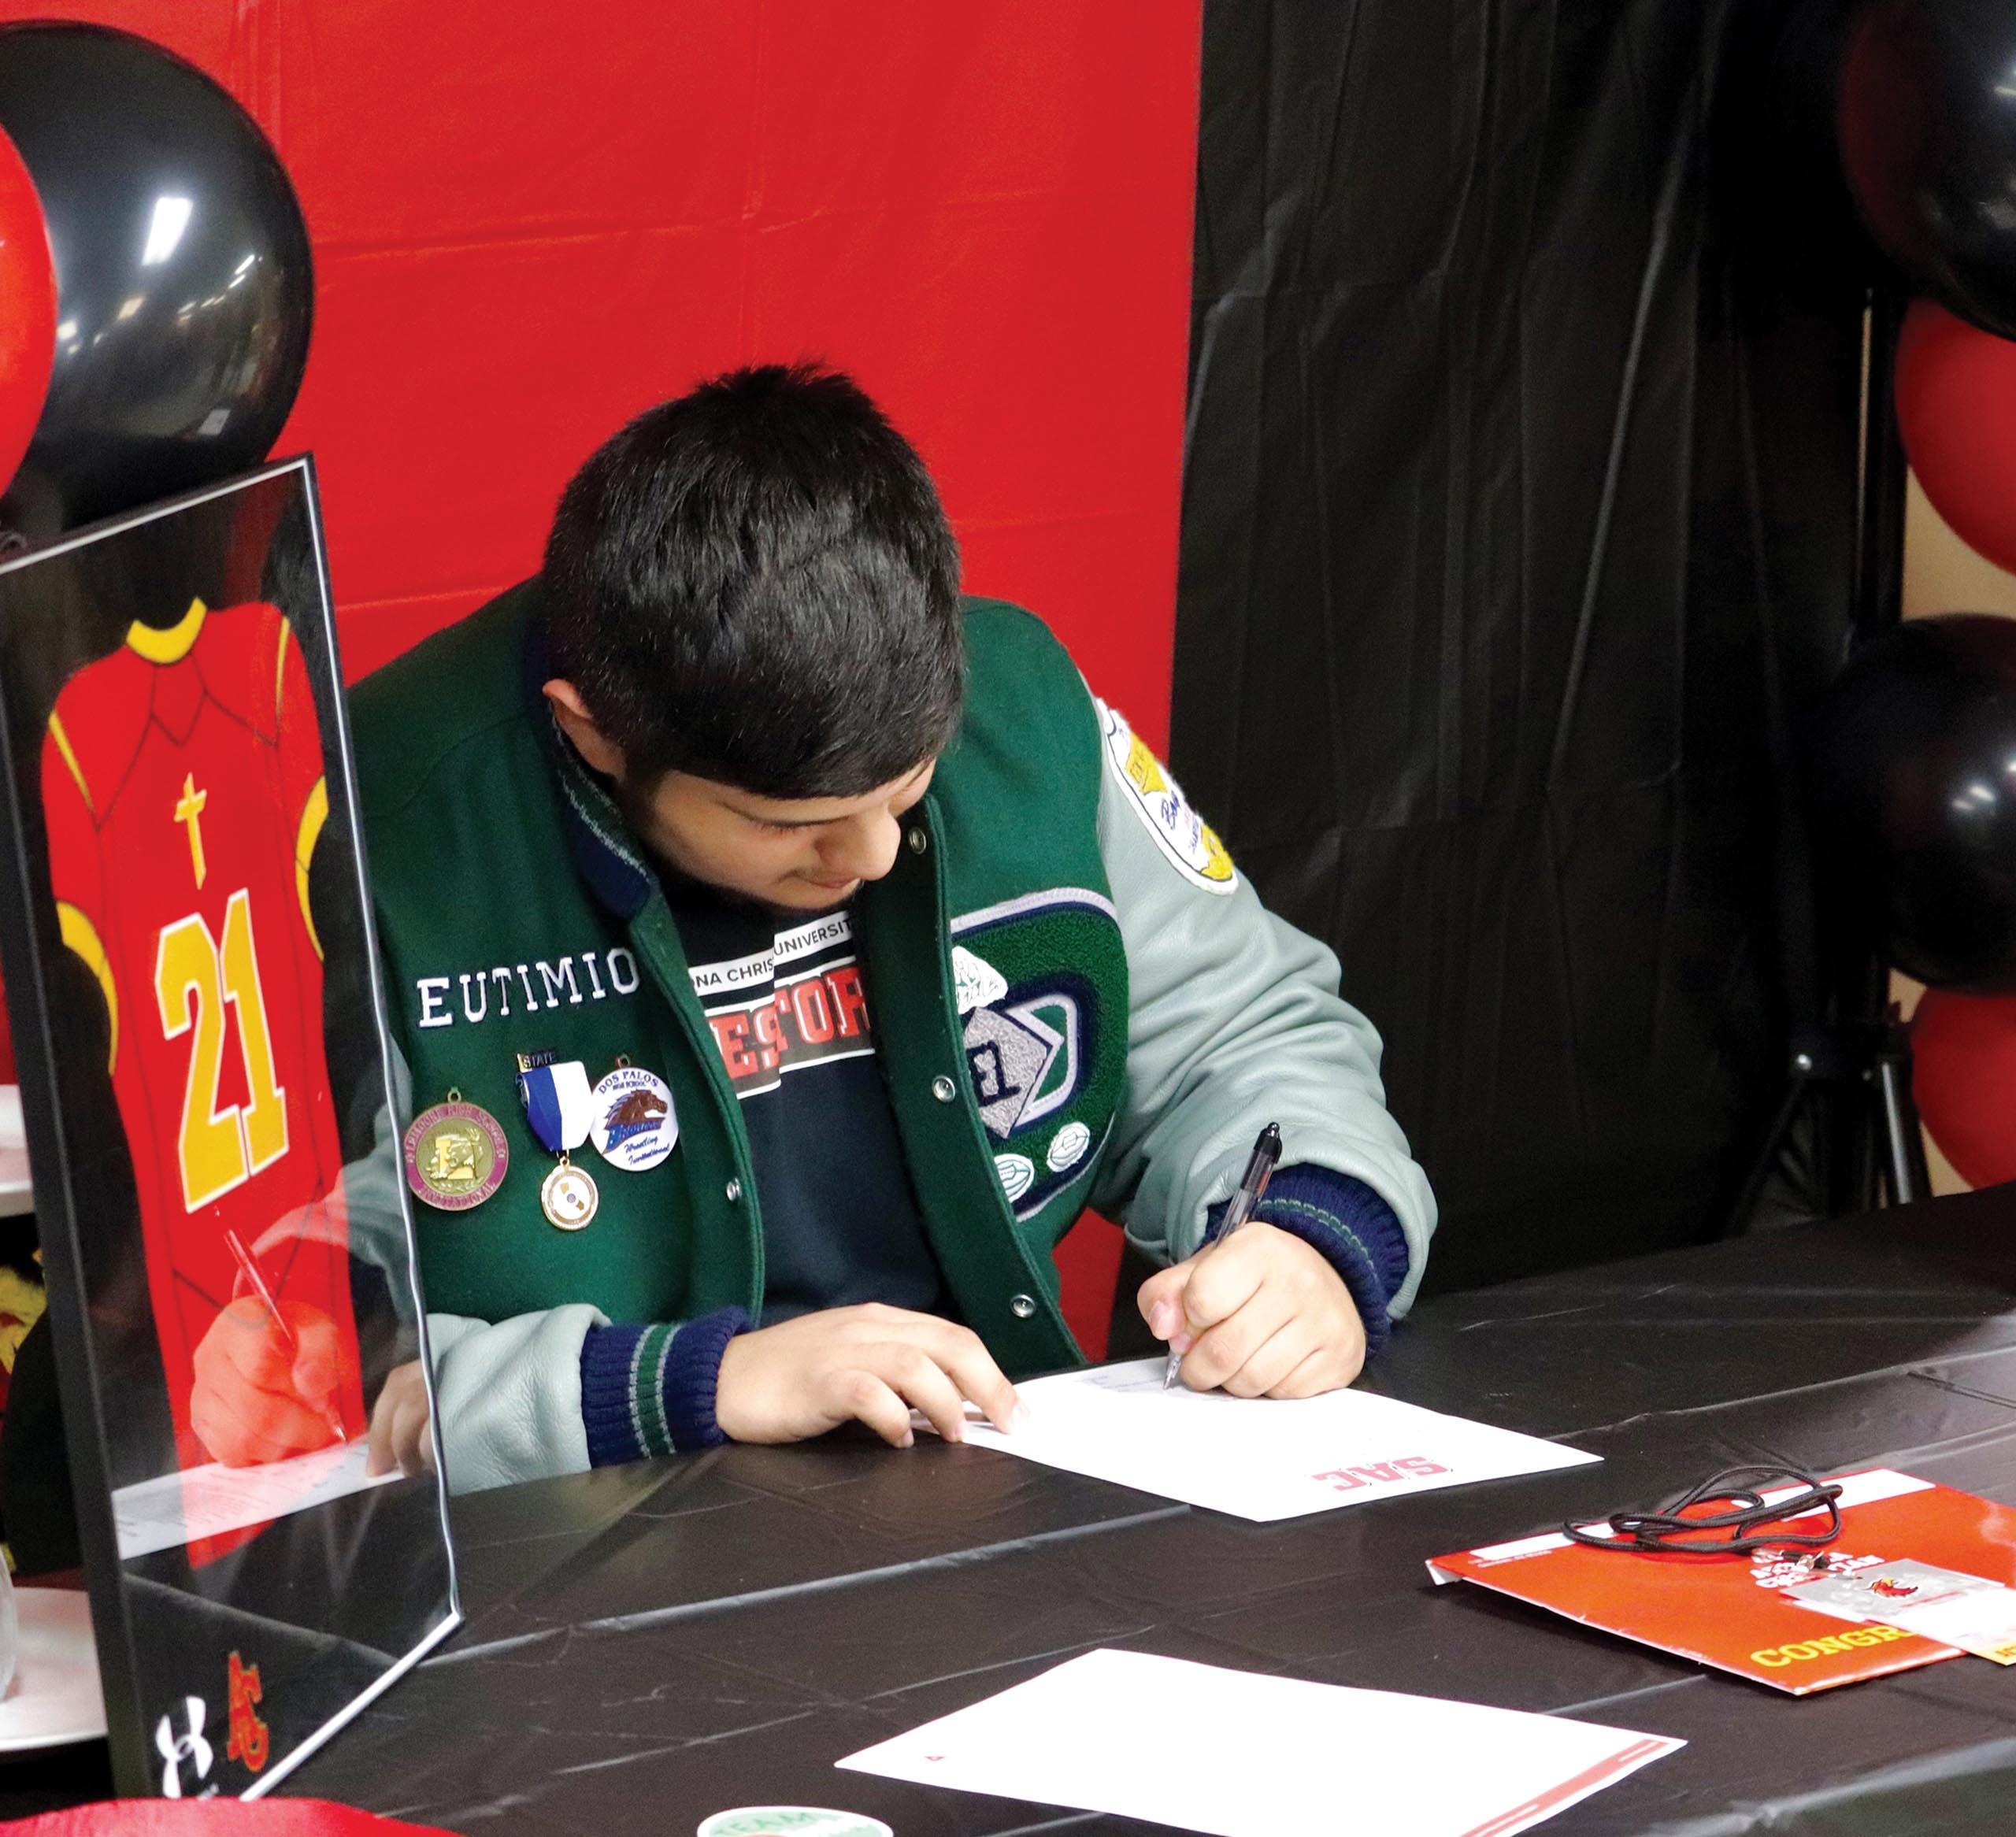 sub-sports-eutimio-pena_signing